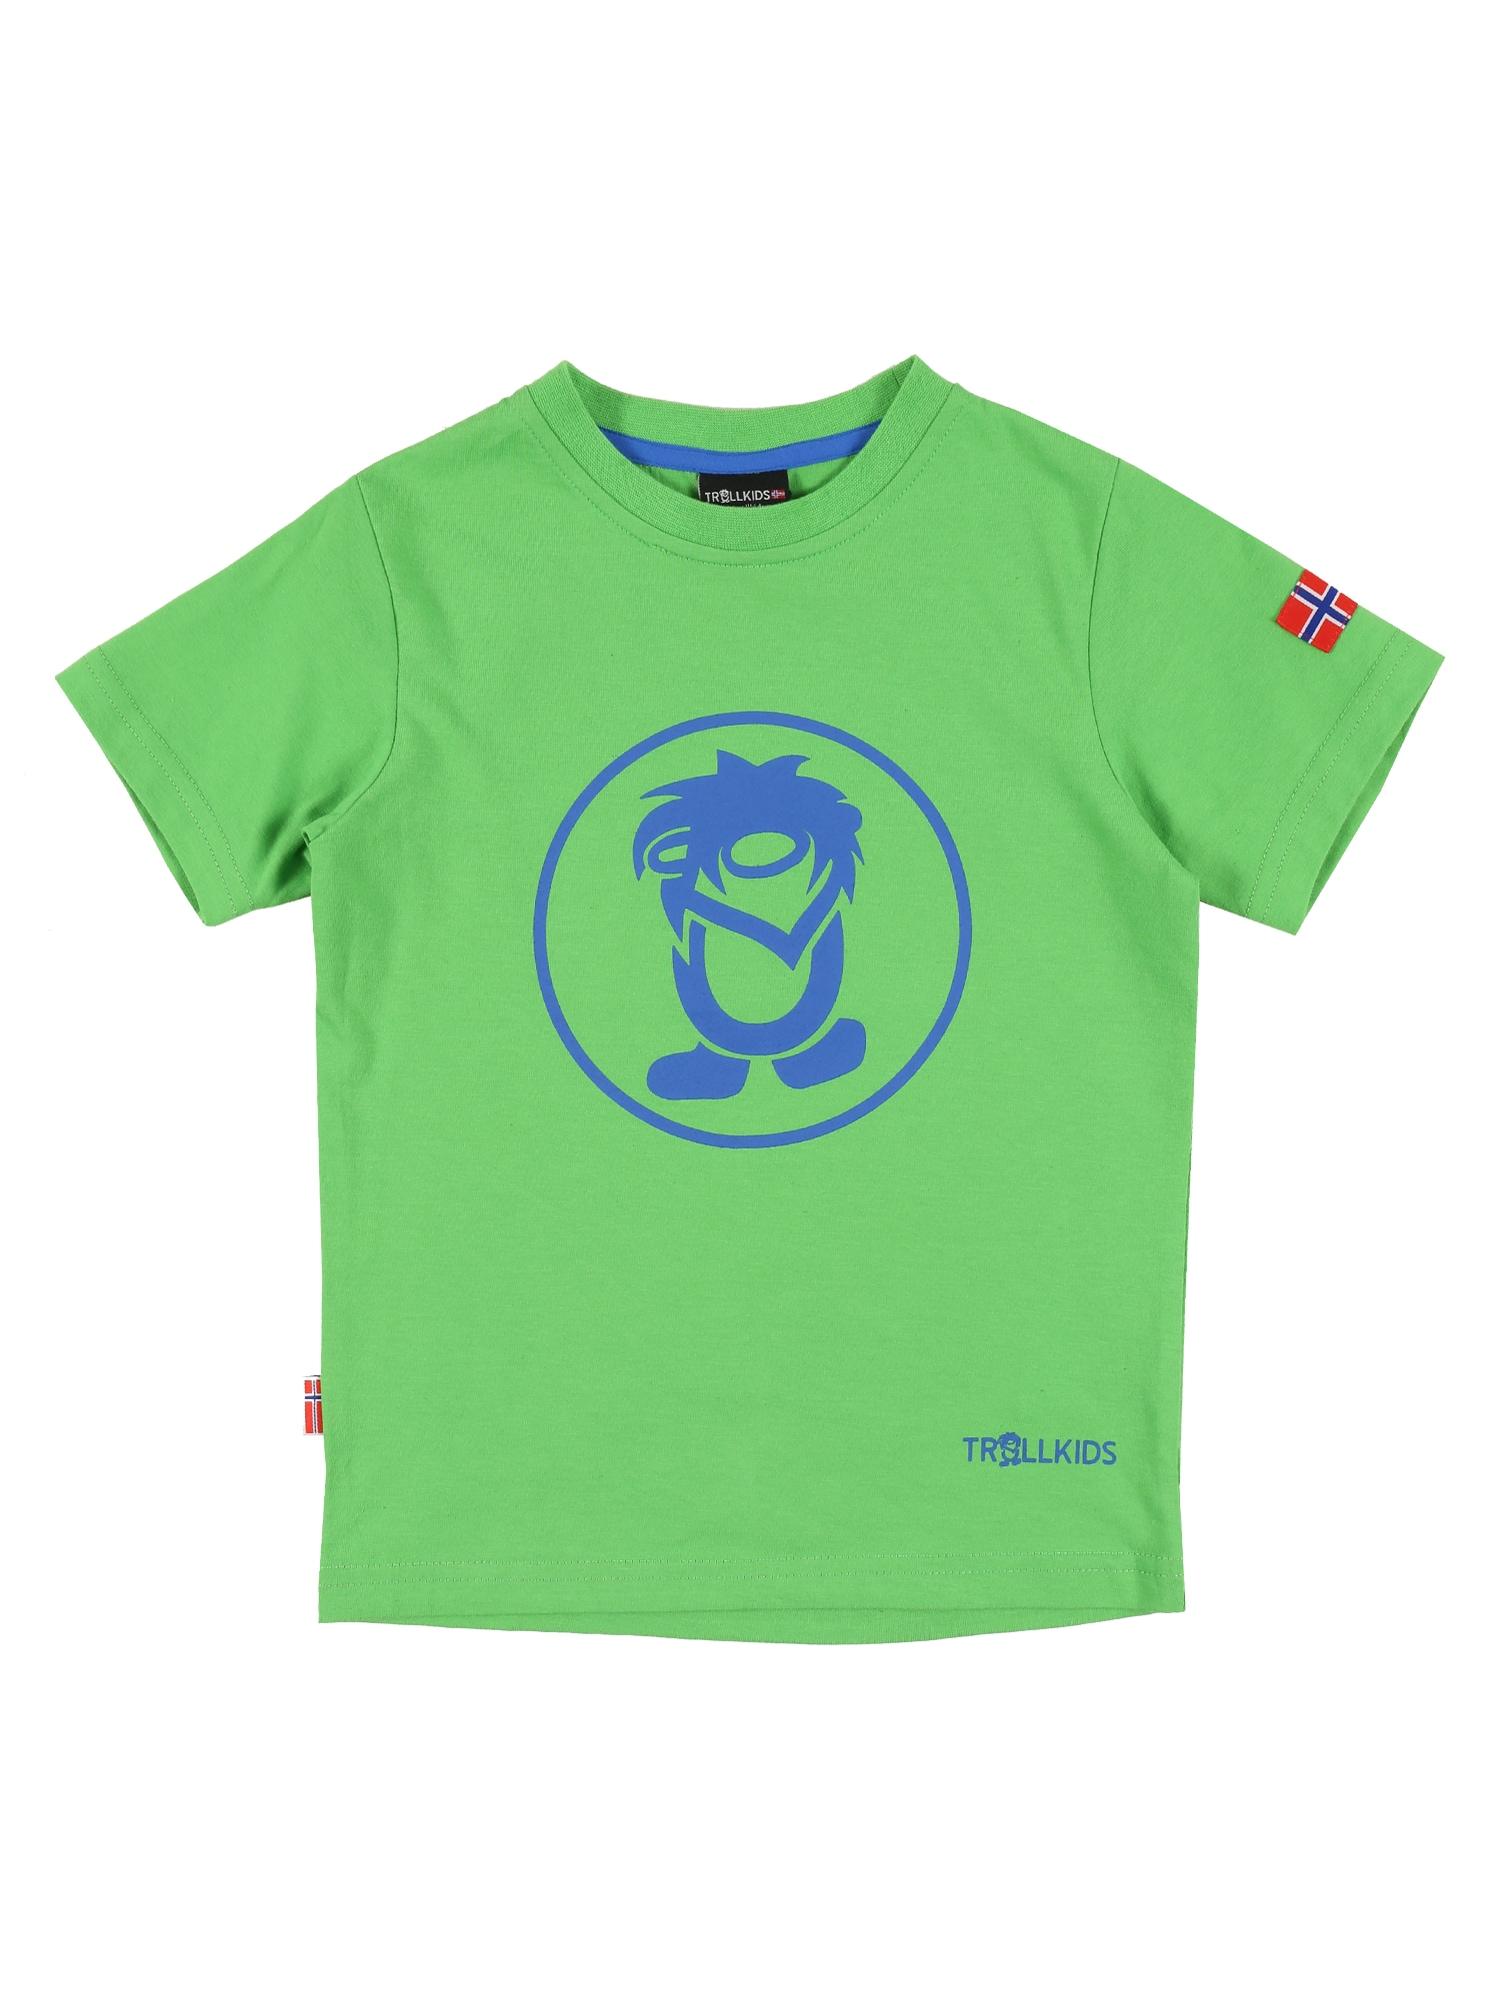 TROLLKIDS Sportiniai marškinėliai 'Troll' šviesiai žalia / mėlyna